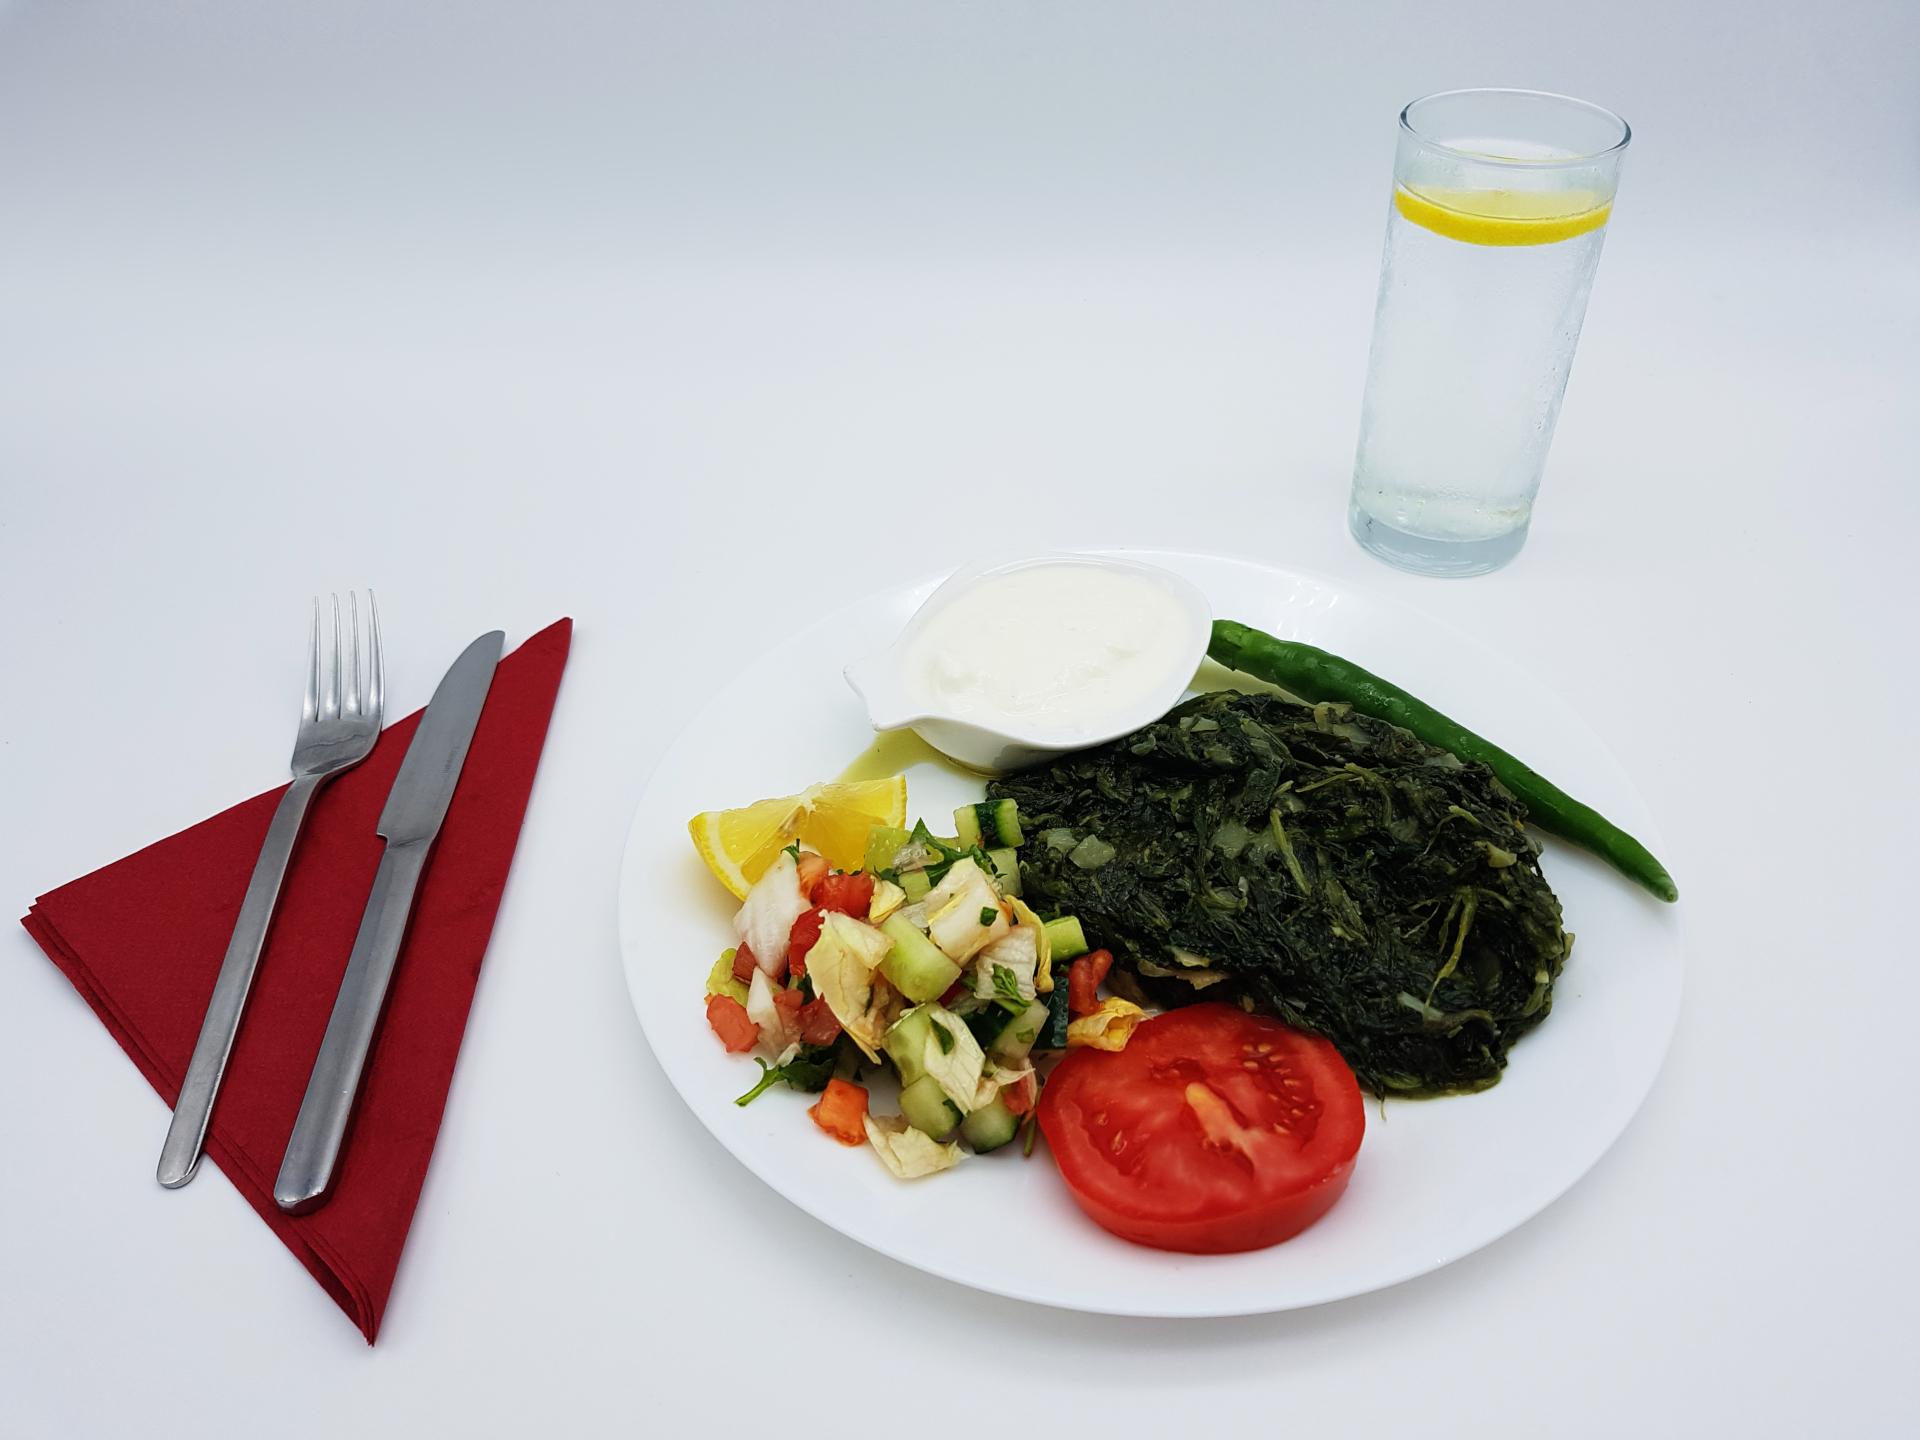 Sie haben die Möglichkeit leckeren Spinat bei uns im Restaurant Kabul in Wuppertal zu essen.